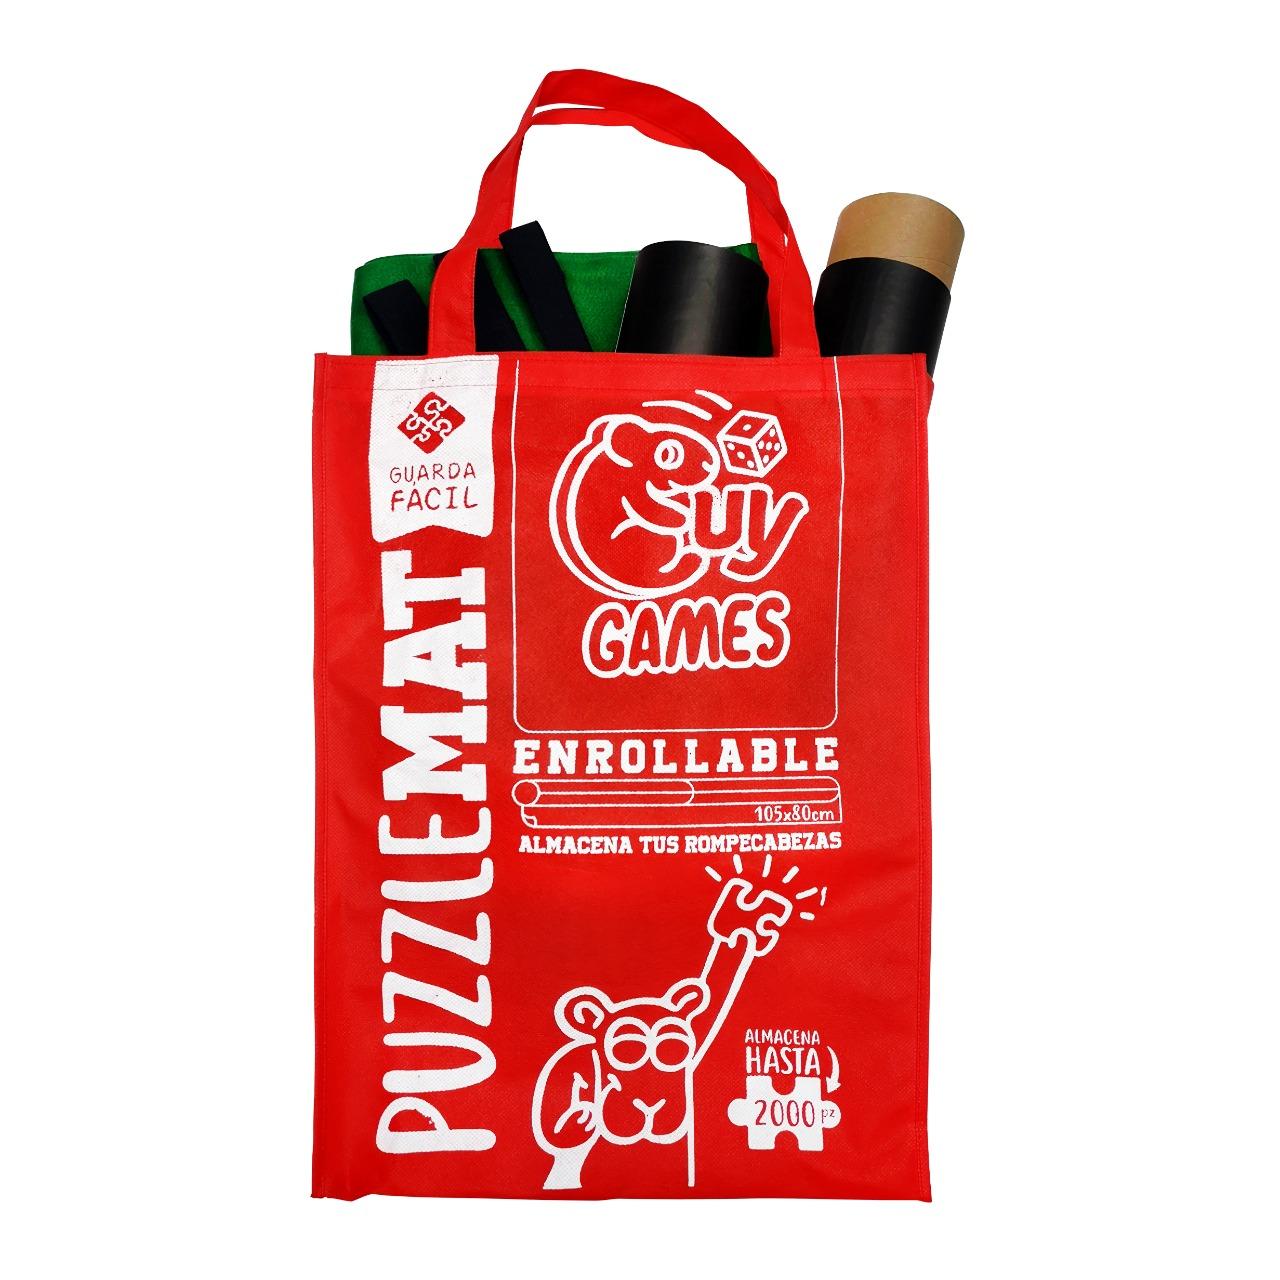 Cuy Games - PUZZLE MAT DE 500 A 2000 PIEZAS -